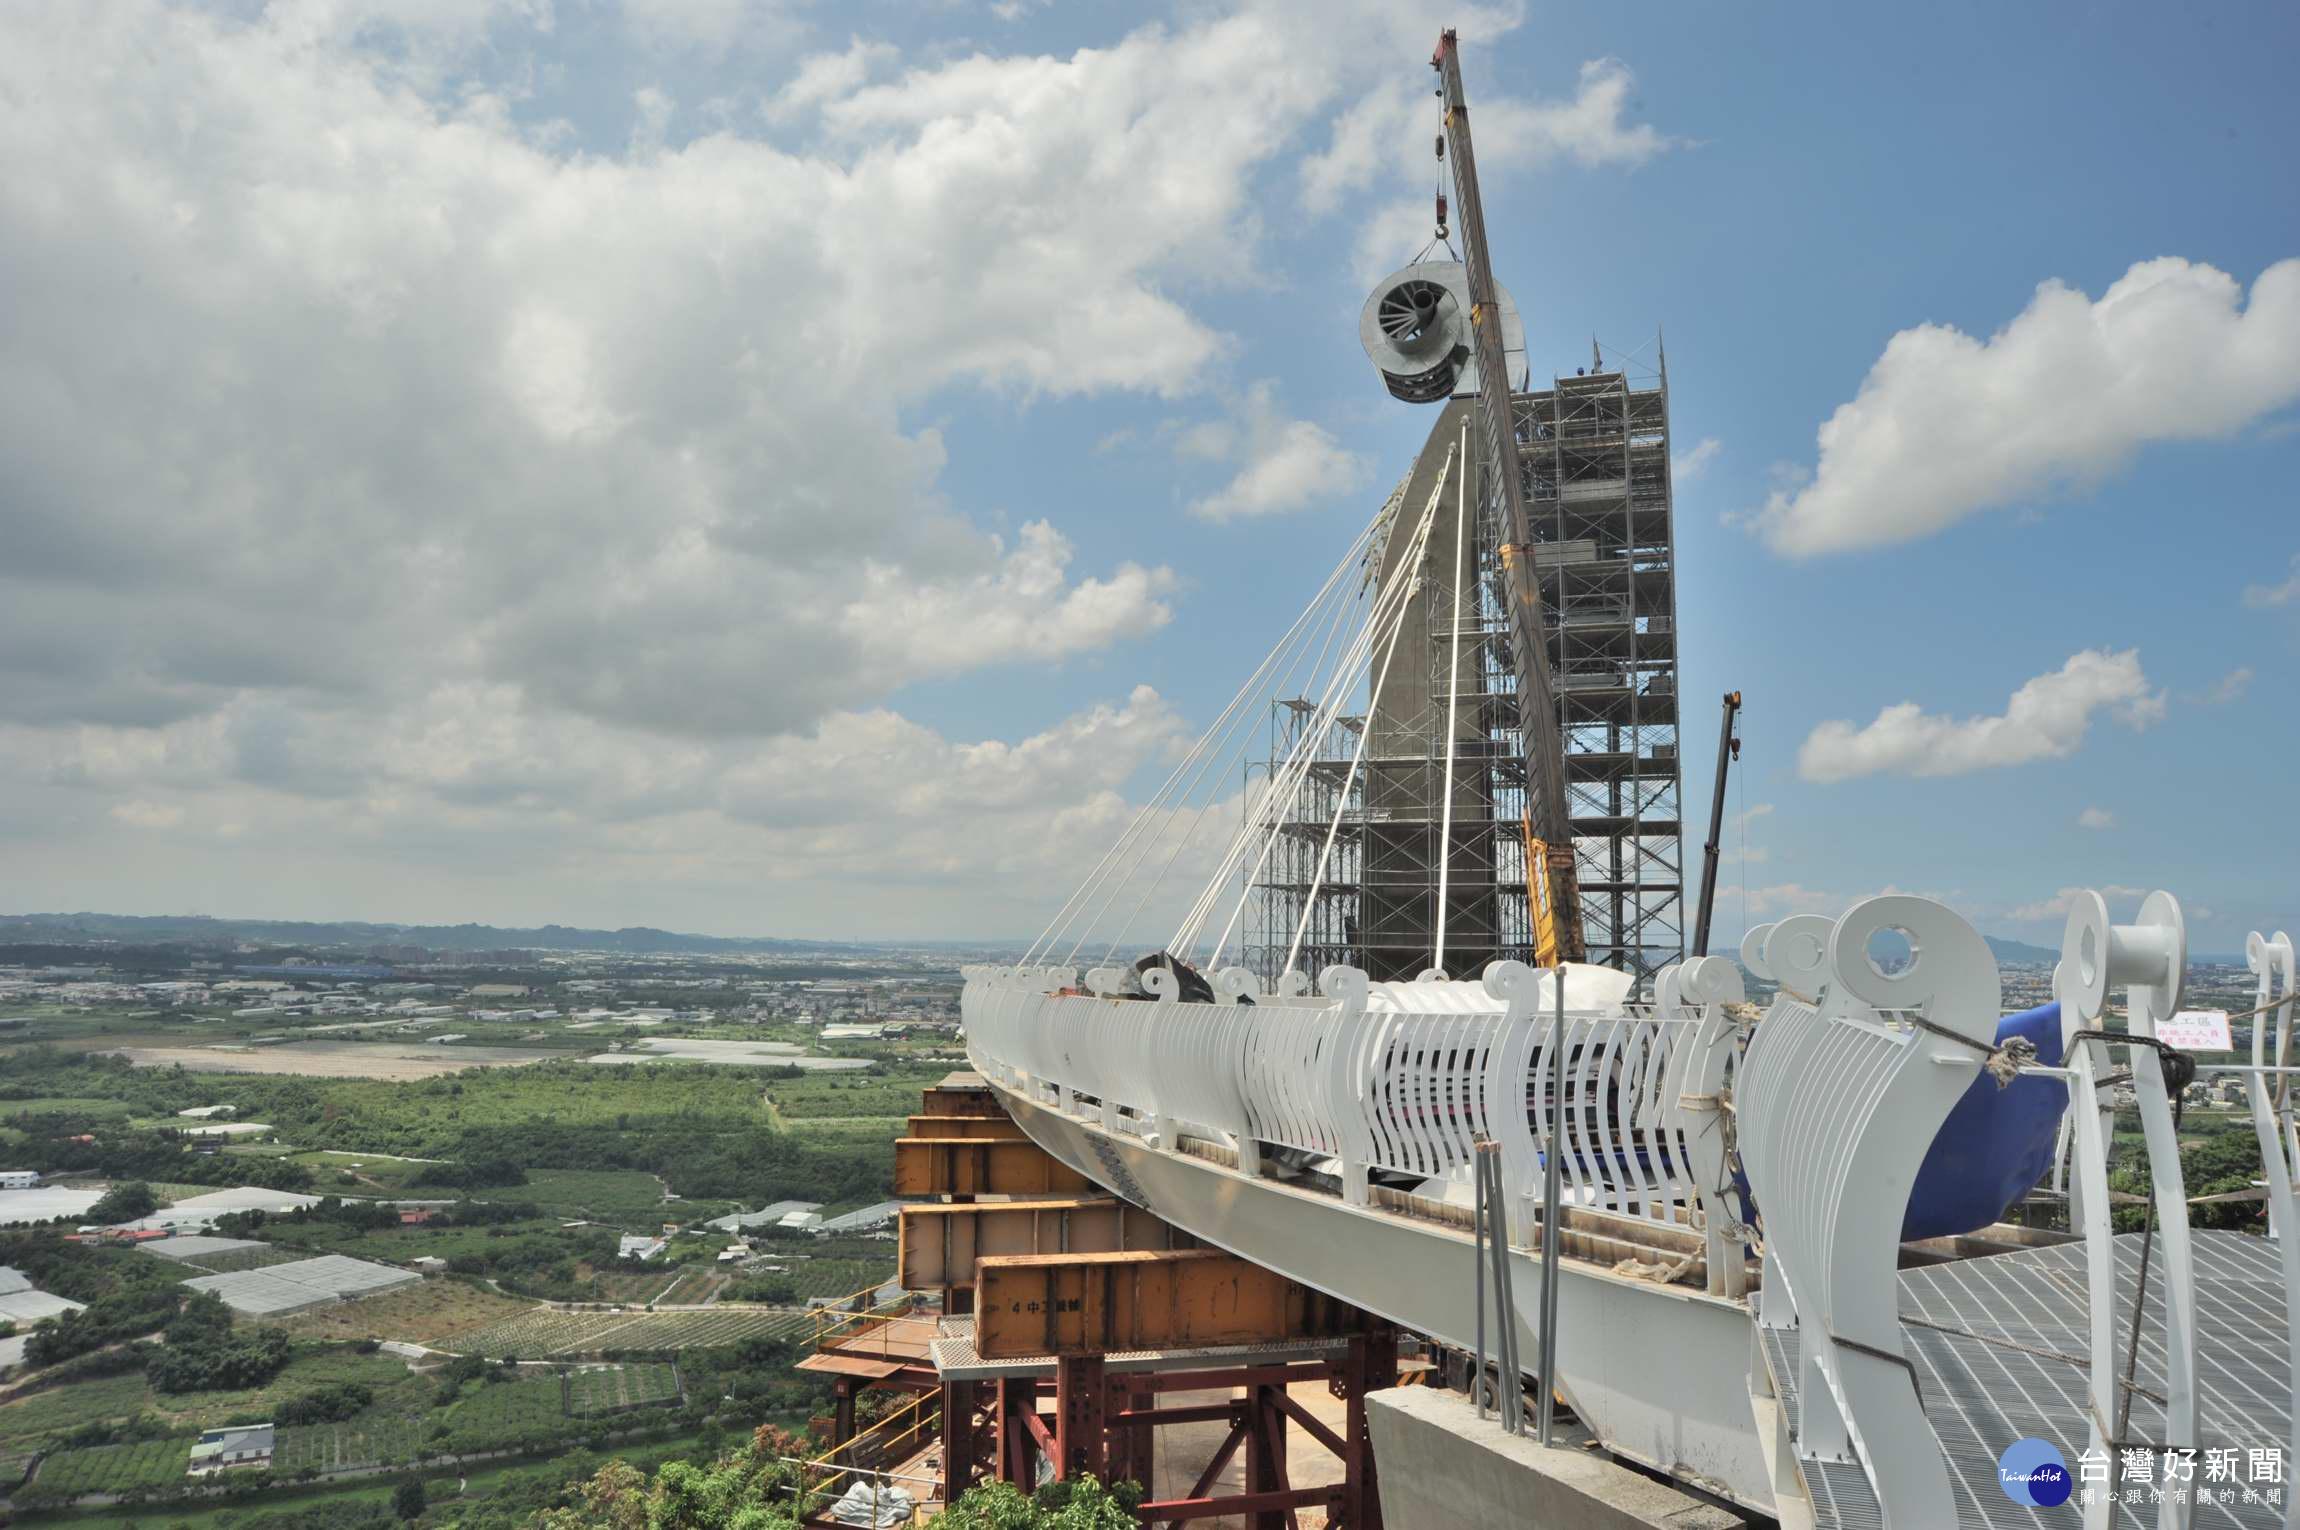 崗山之眼主塔柱頭安座 高雄首座天空廊道過年前開放